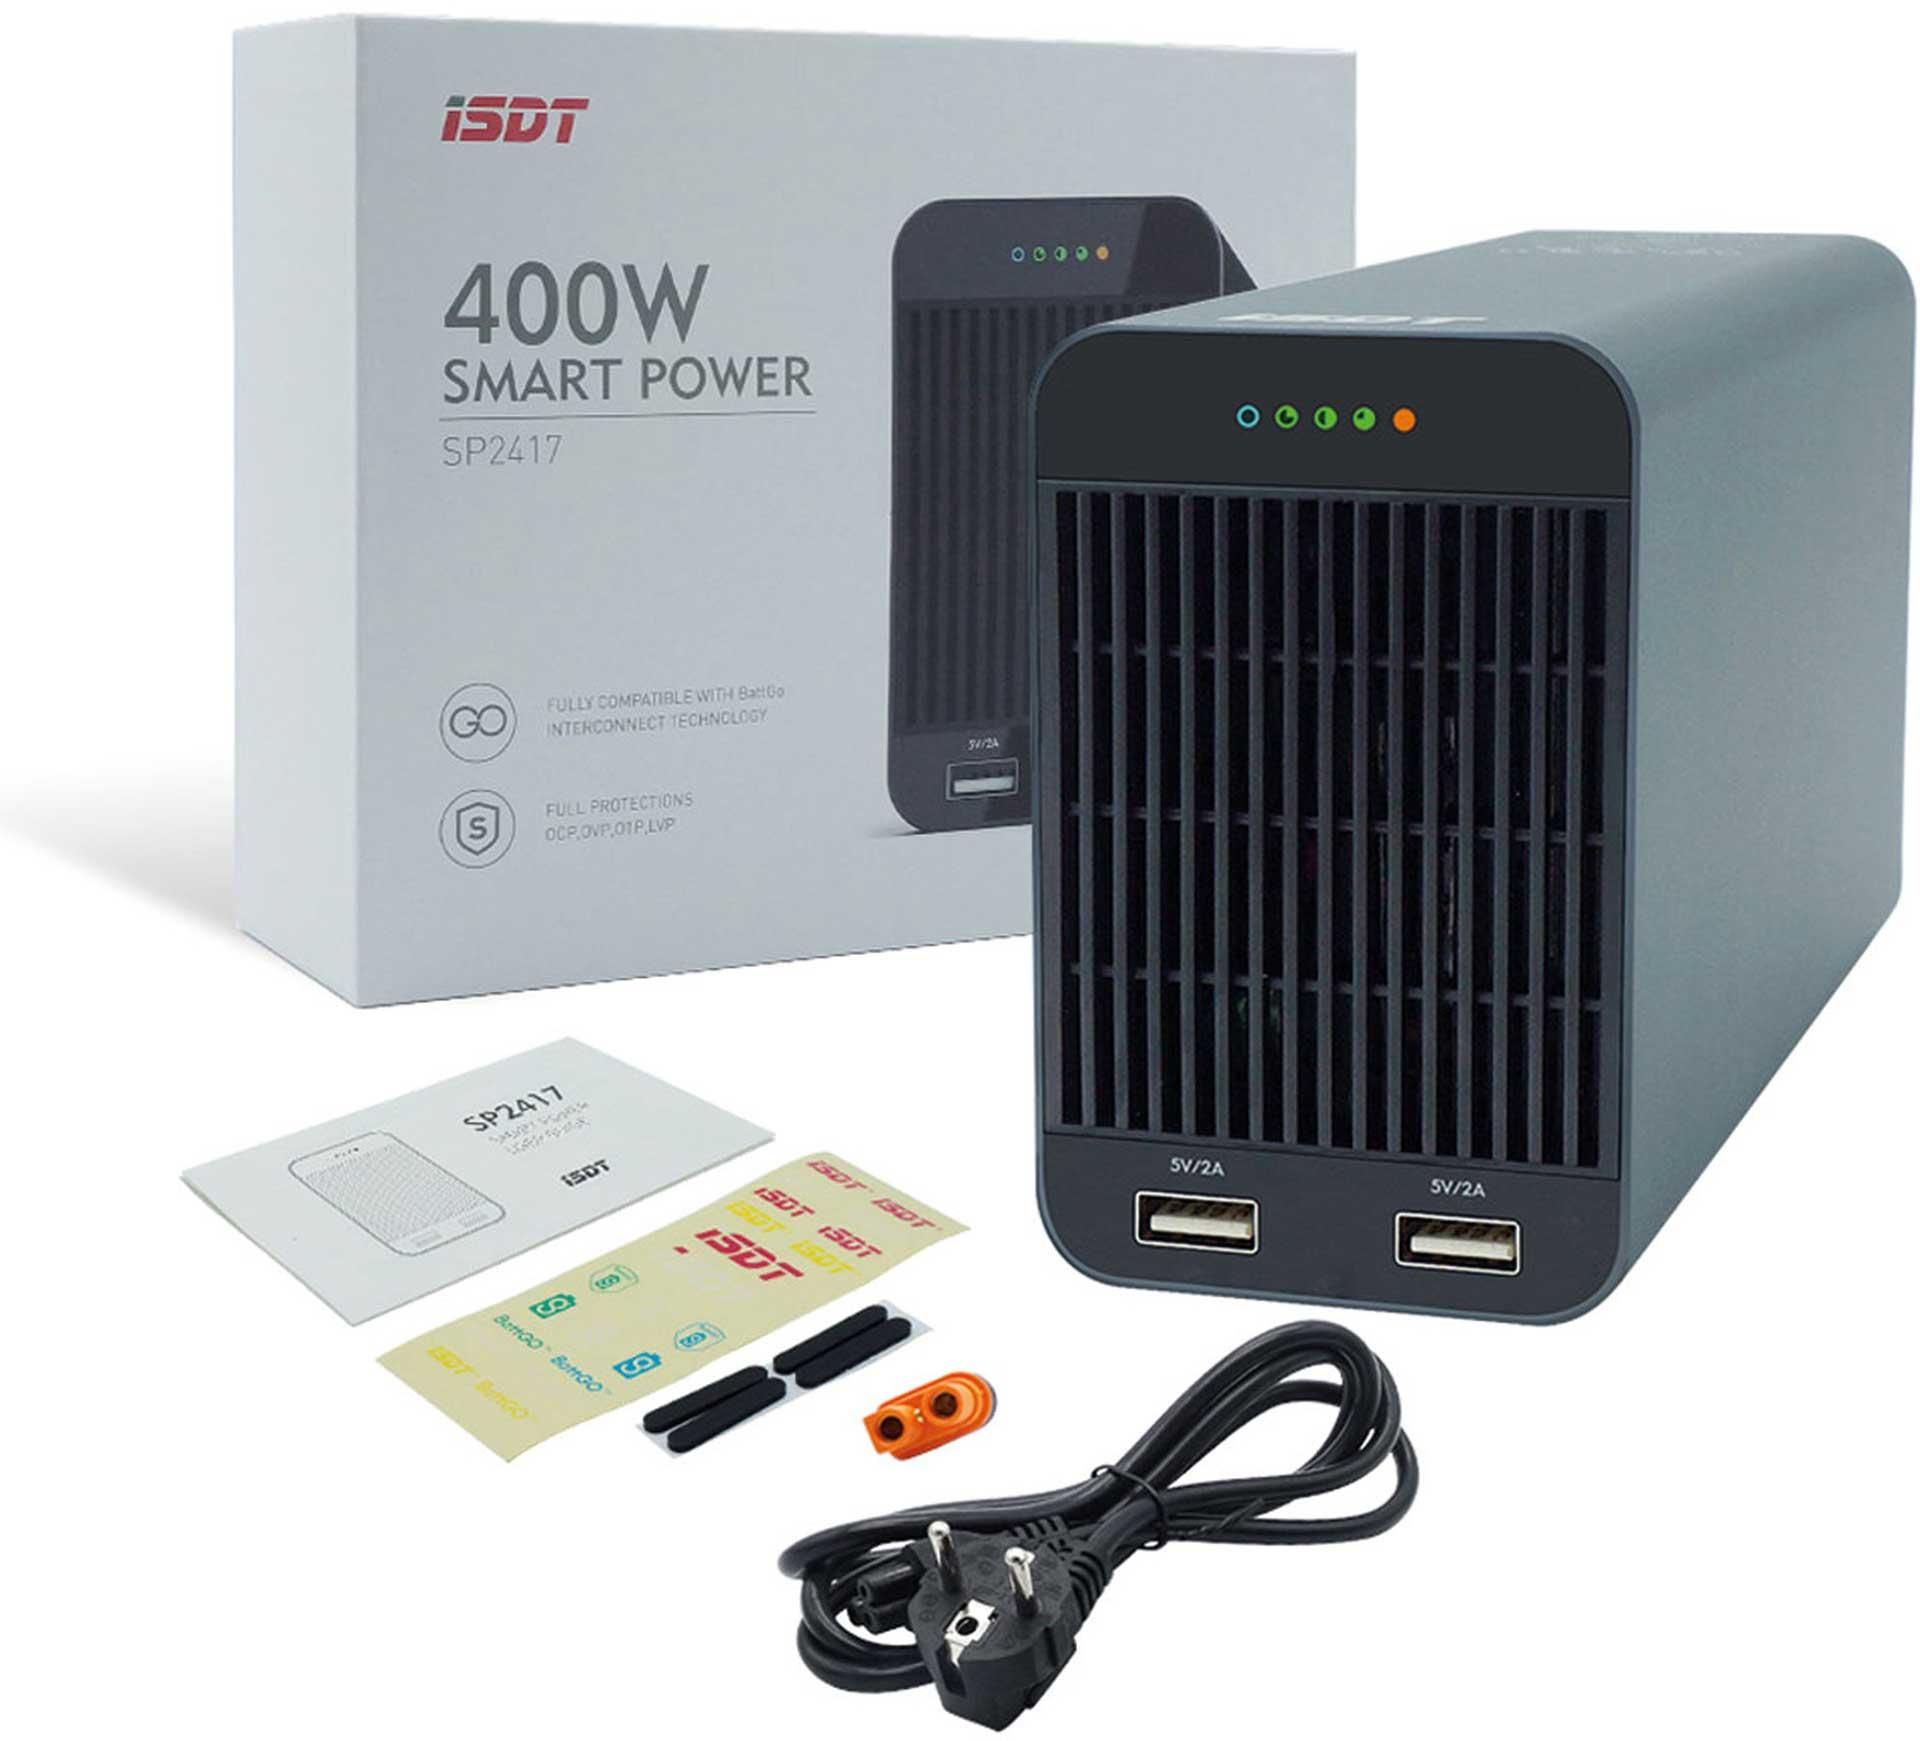 ISDT SP2417 24V SMART POWER NETZGERÄT 400W MIT BATTGO®